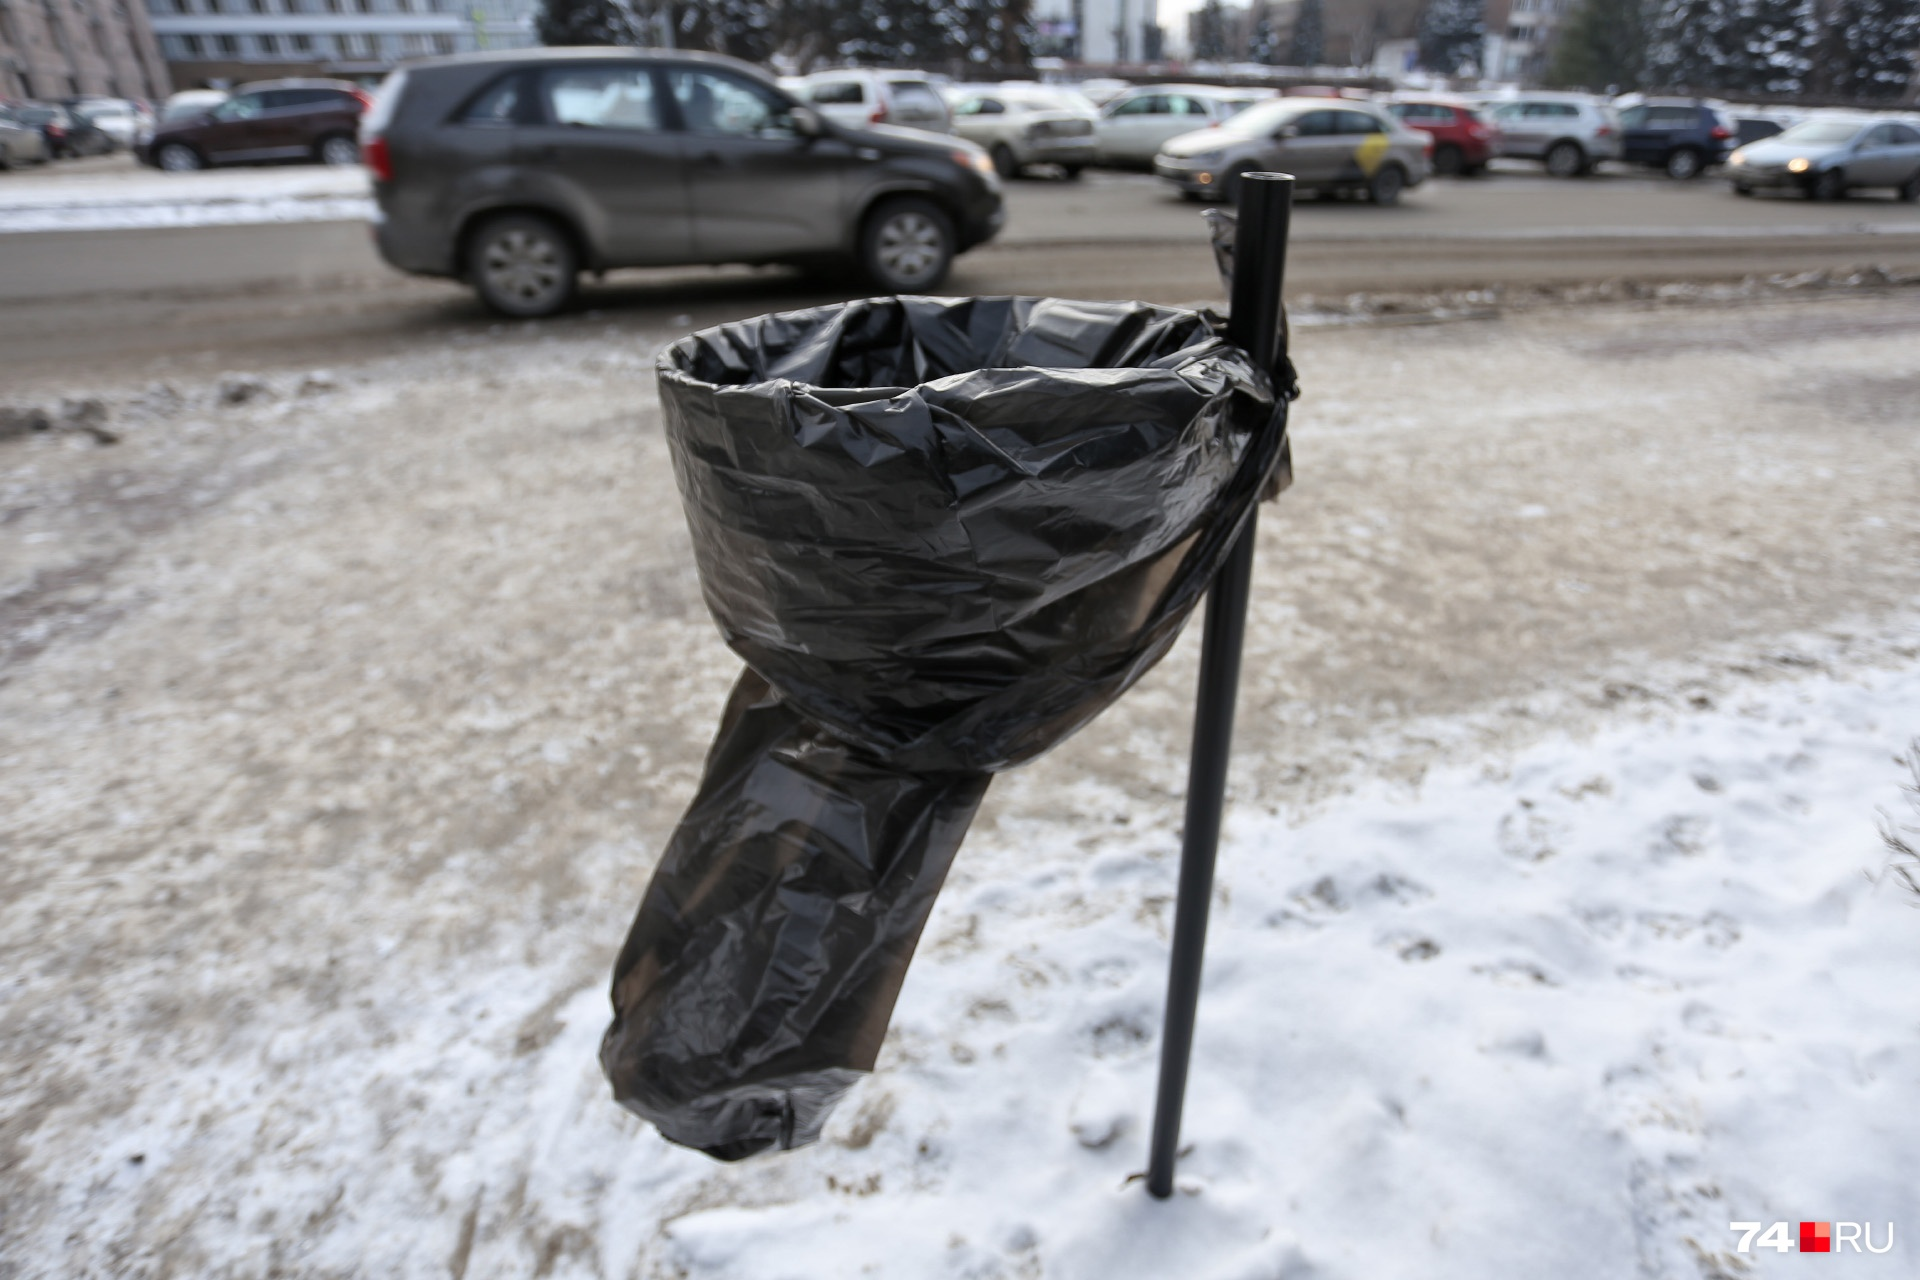 Чиновники говорят, что чёрные пакеты повесили дворники, скоро их заменят